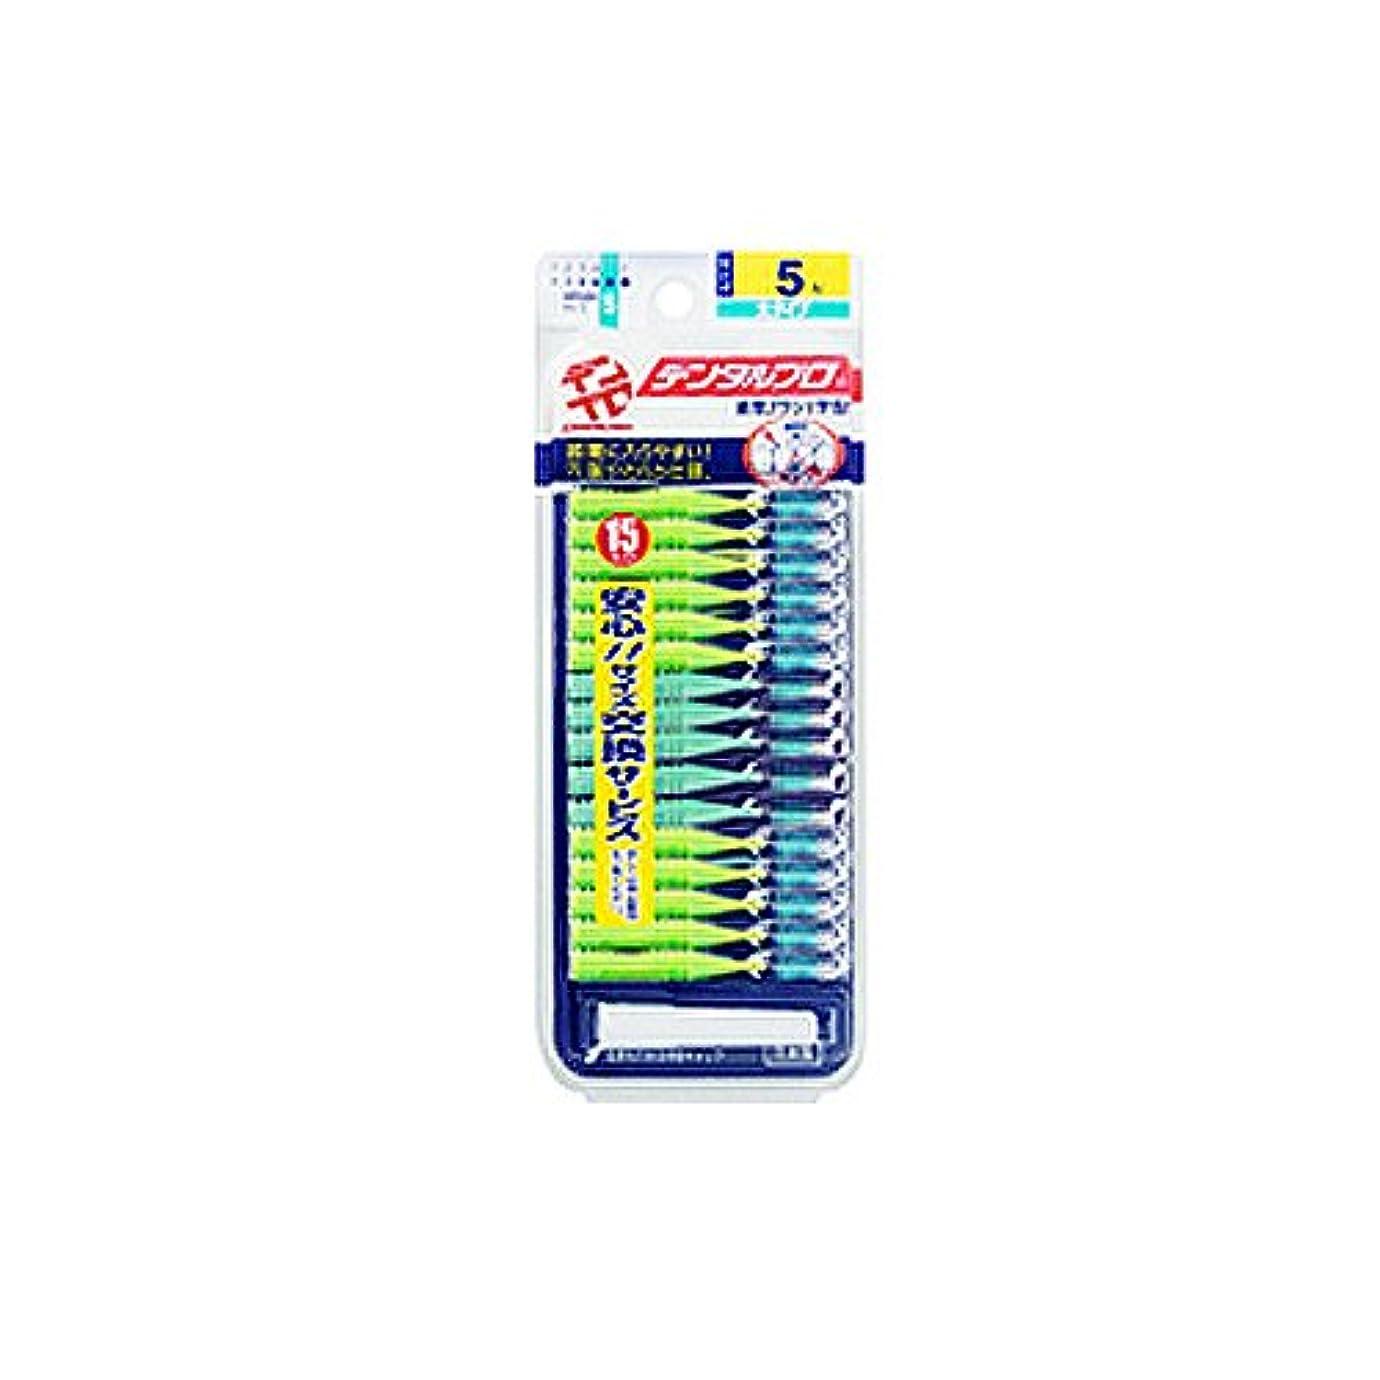 契約するダルセットドライバデンタルプロ 歯間ブラシ I字型 15本入り サイズ5(L)